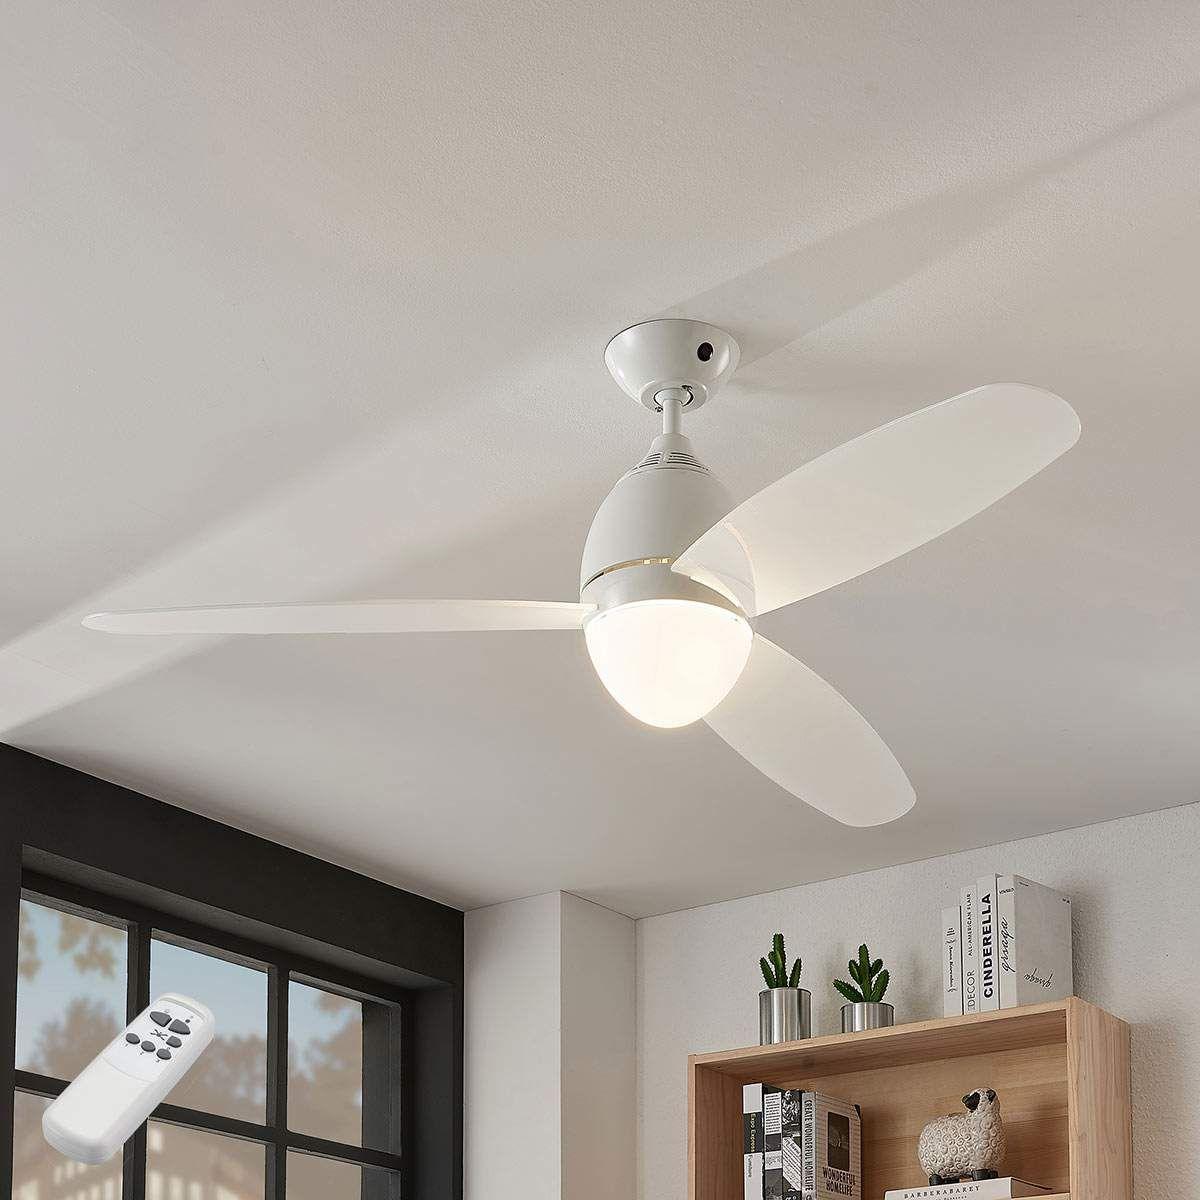 Luxus Decken Ventilator Beleuchtung Fernbedienung Lampe 3 Geschwindigkeitsstufen